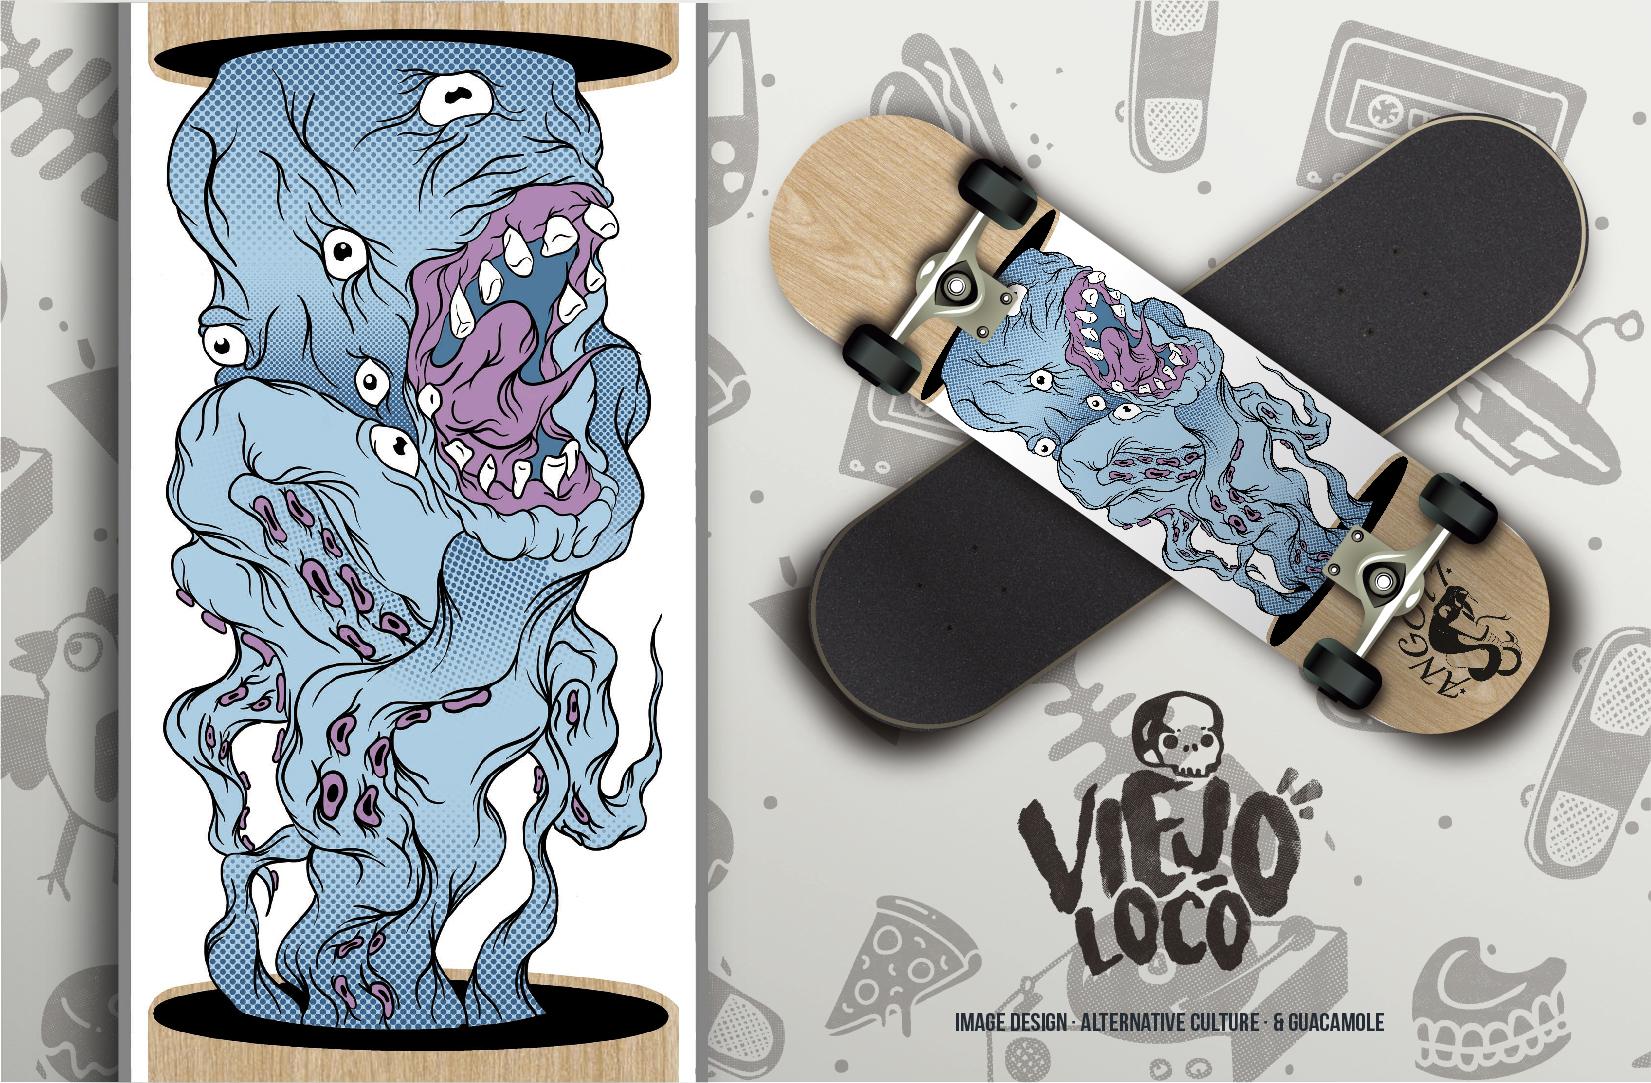 ViejoLoco.skate.alien.1.0-01